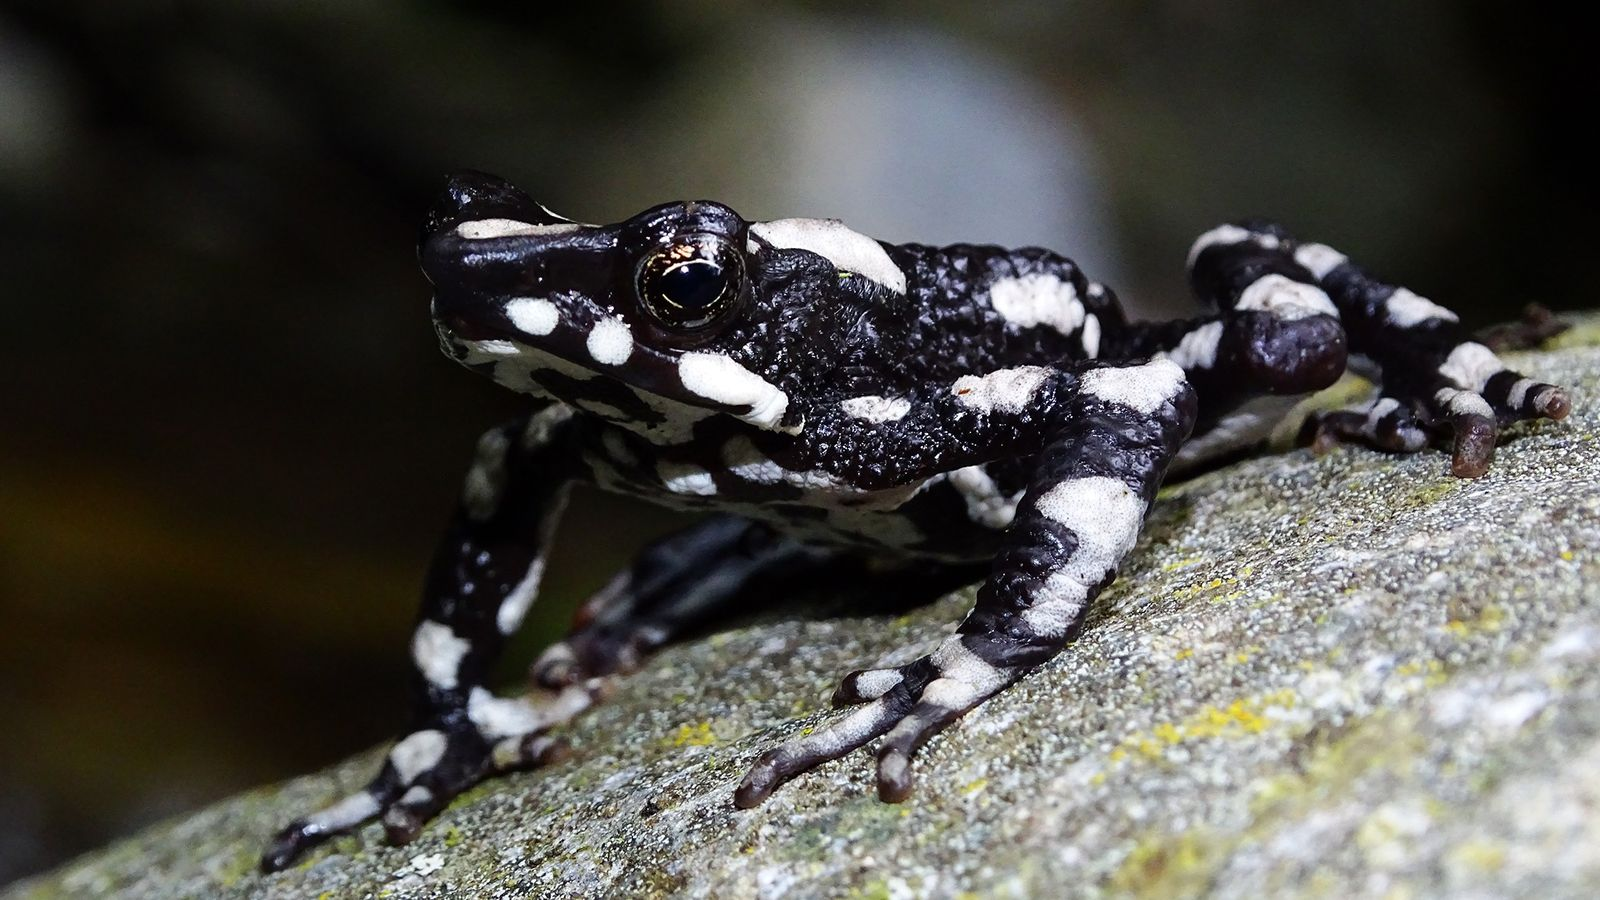 O sapo-arlequim-da-noite-estrelada (Atelopus aryescue) foi batizado em homenagem ao céu limpo e estrelado de seu habitat ...